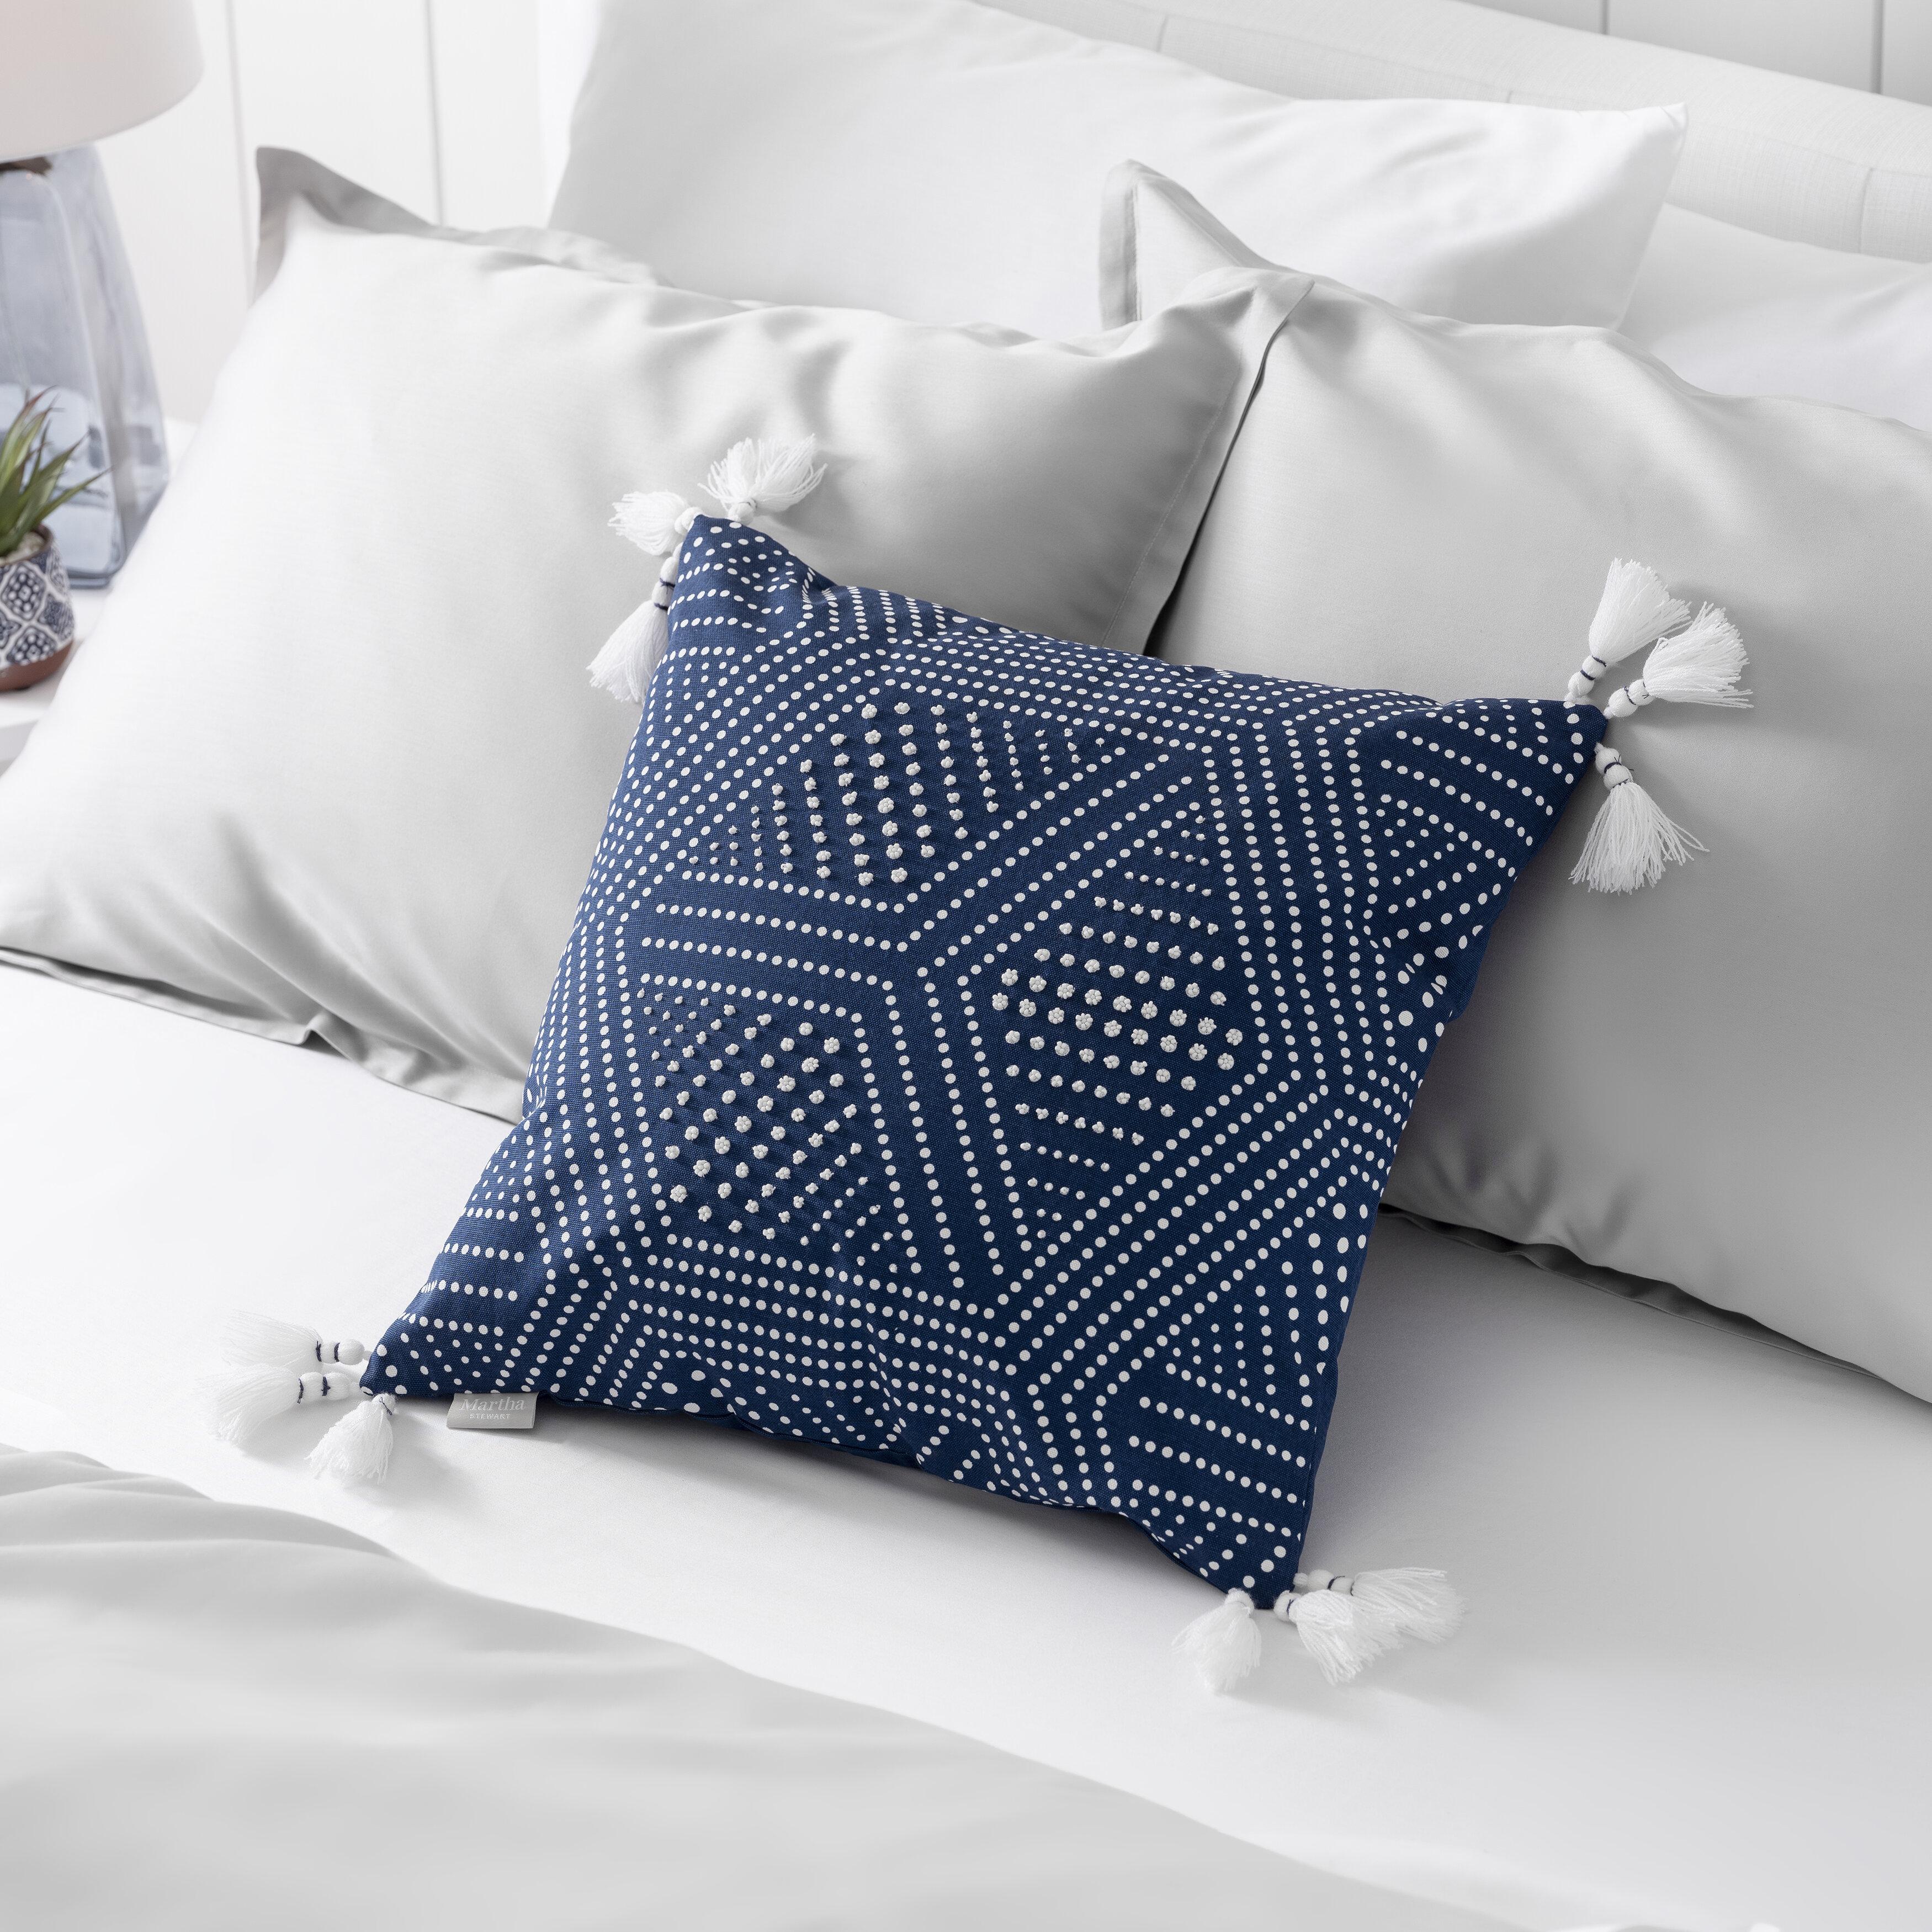 Martha Stewart Piper Cotton Geometric 18 Throw Pillow Cover Reviews Wayfair